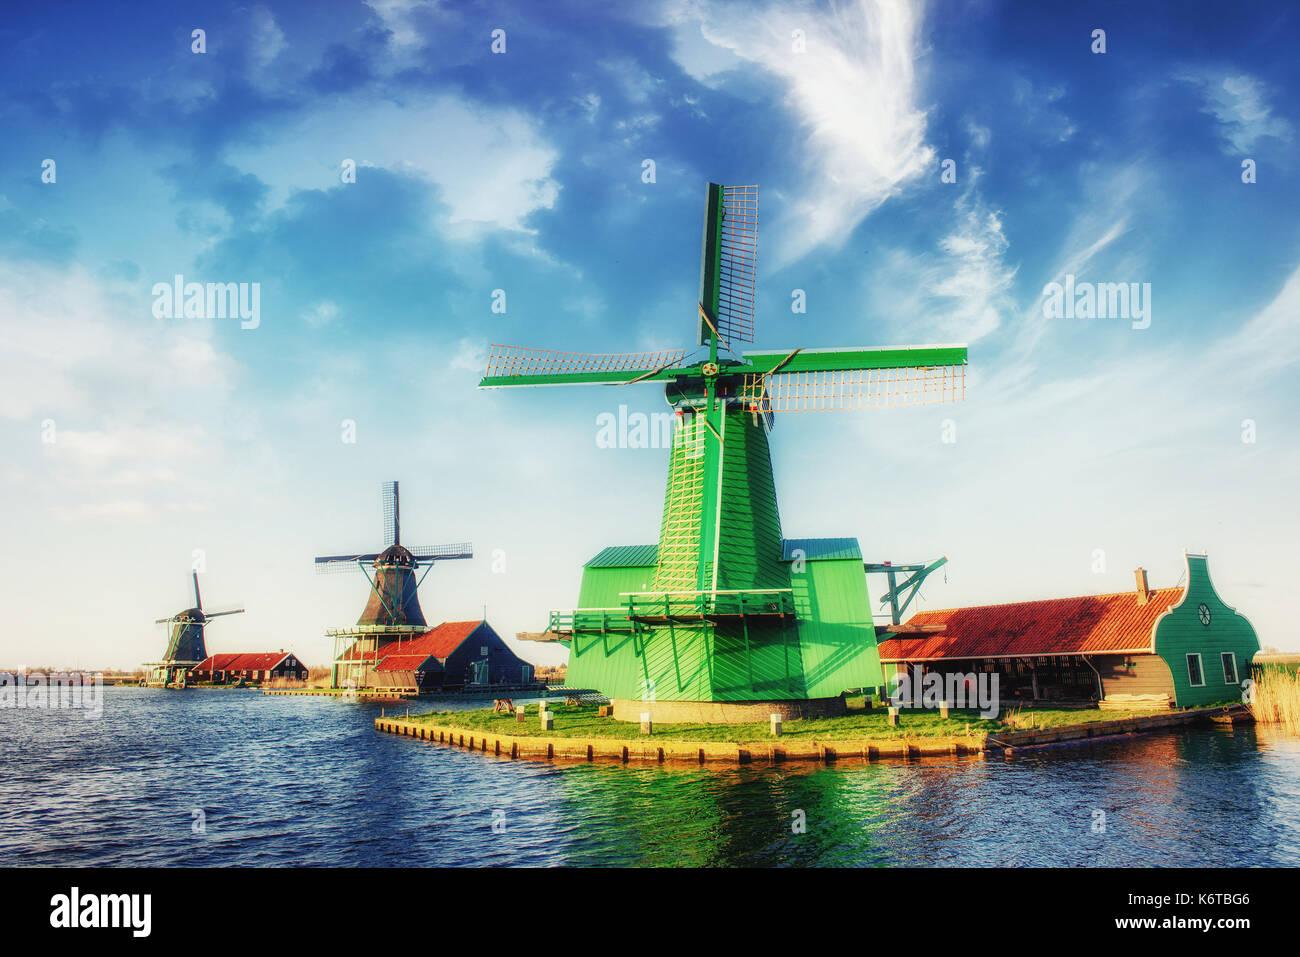 Los molinos de viento tradicionales holandeses desde el canal de Rotterdam. Holanda. Imagen De Stock